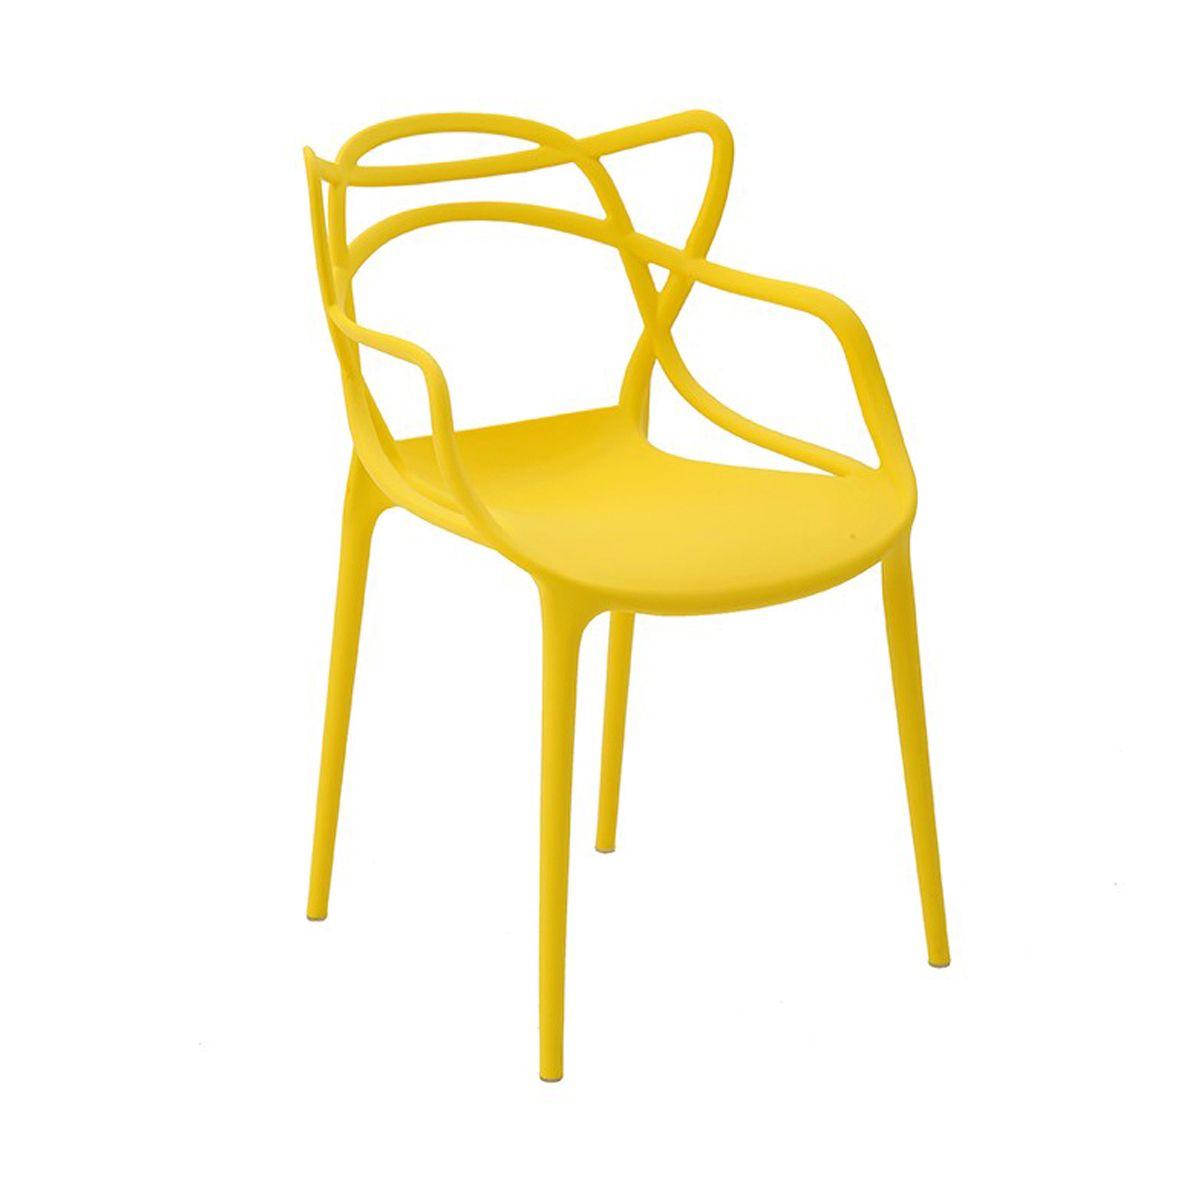 cadeira-allegra-masters-de-polipropileno-rivatti